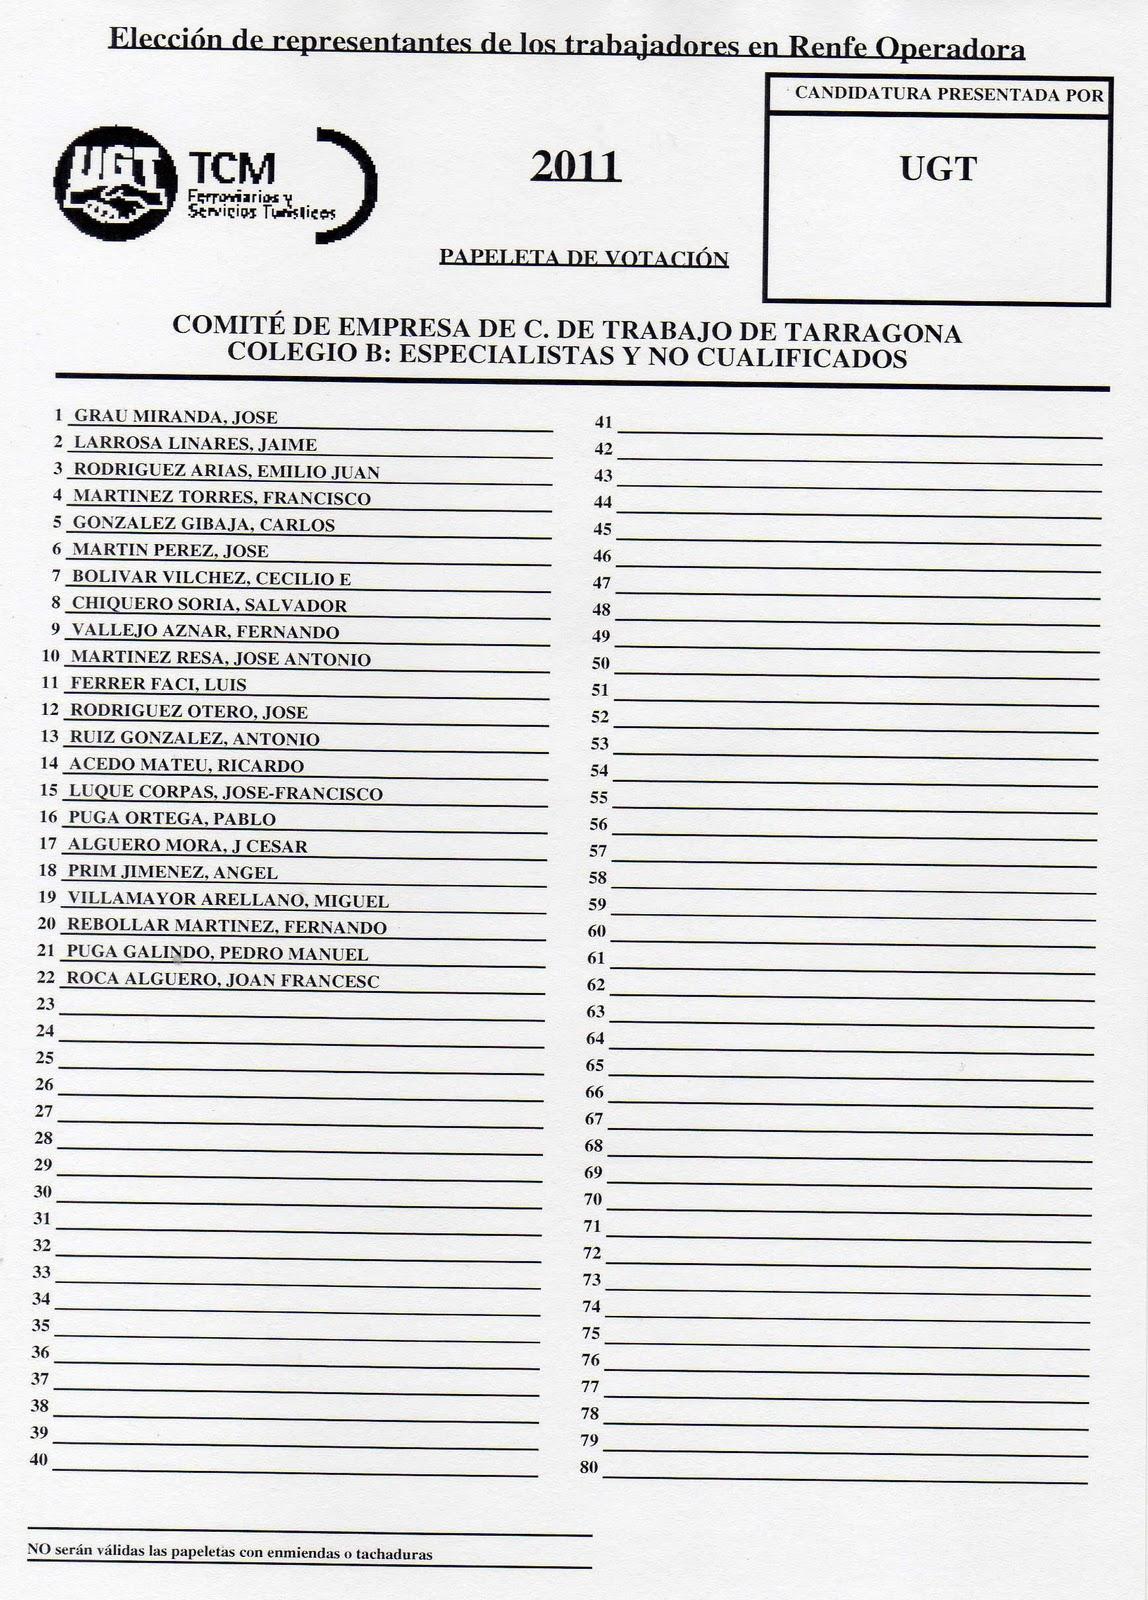 Lista del Colegio B Renfe Operadora